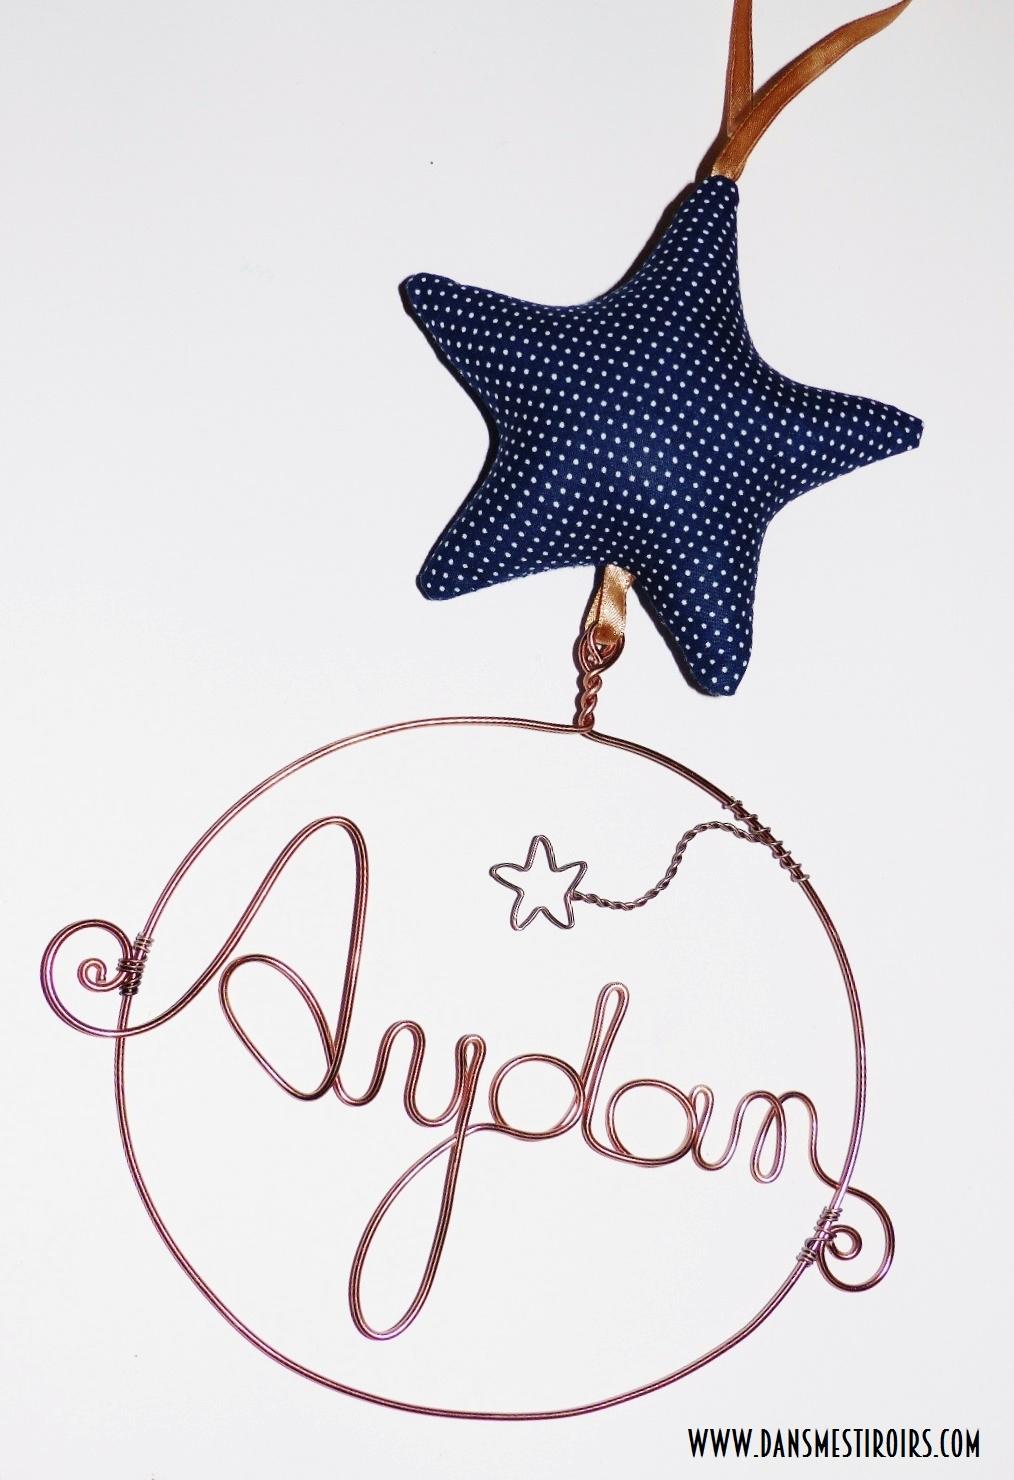 AYDAN étoile♥